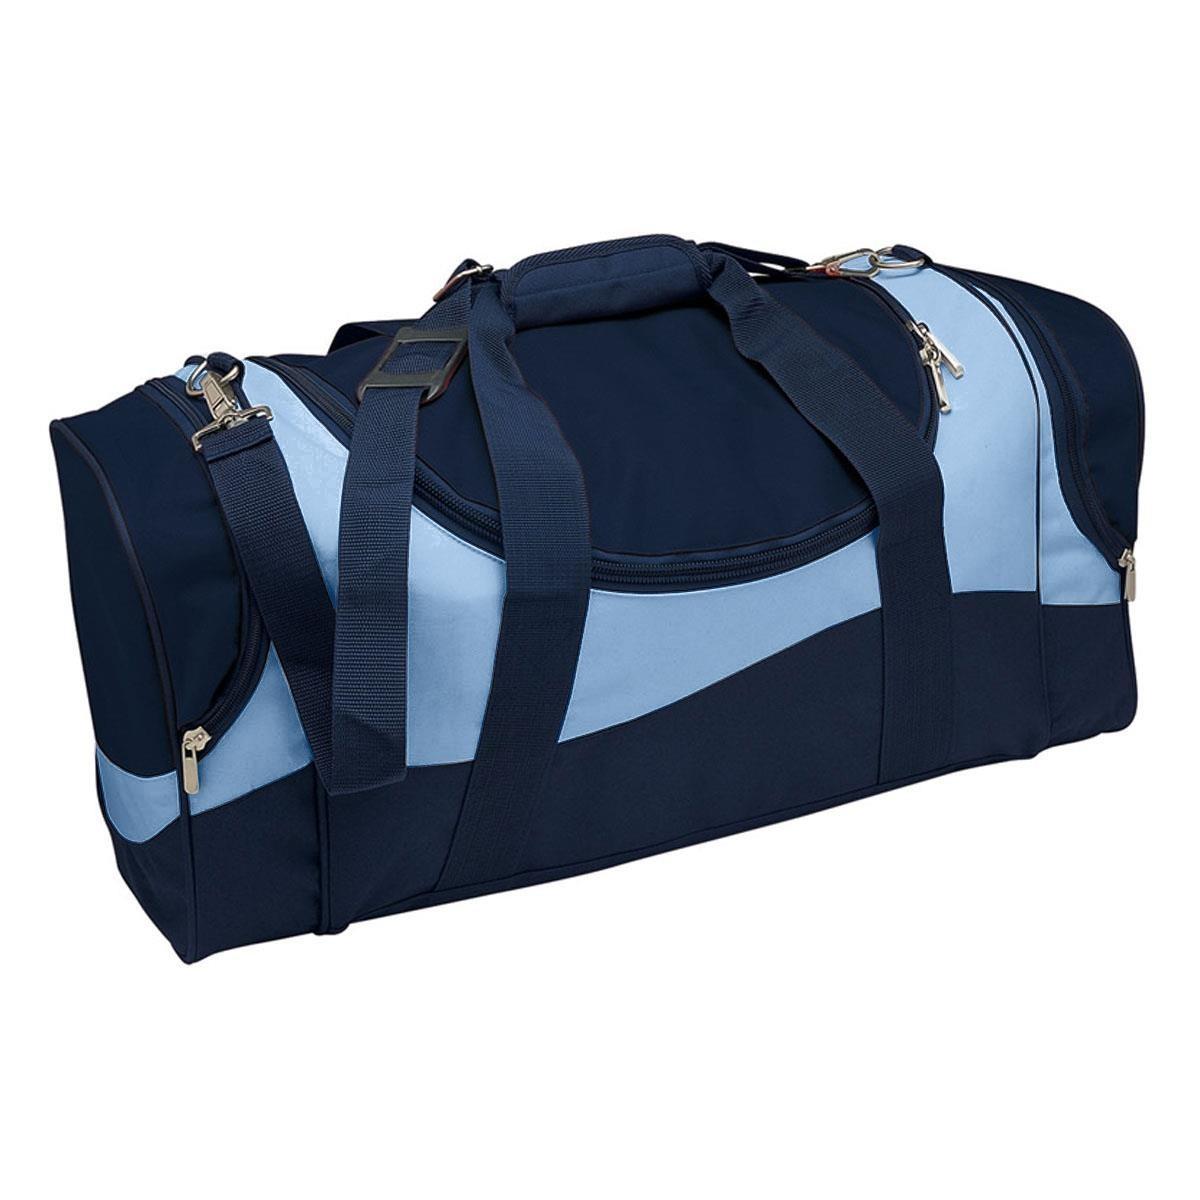 Sunset Sports Bag - Navy & Sky